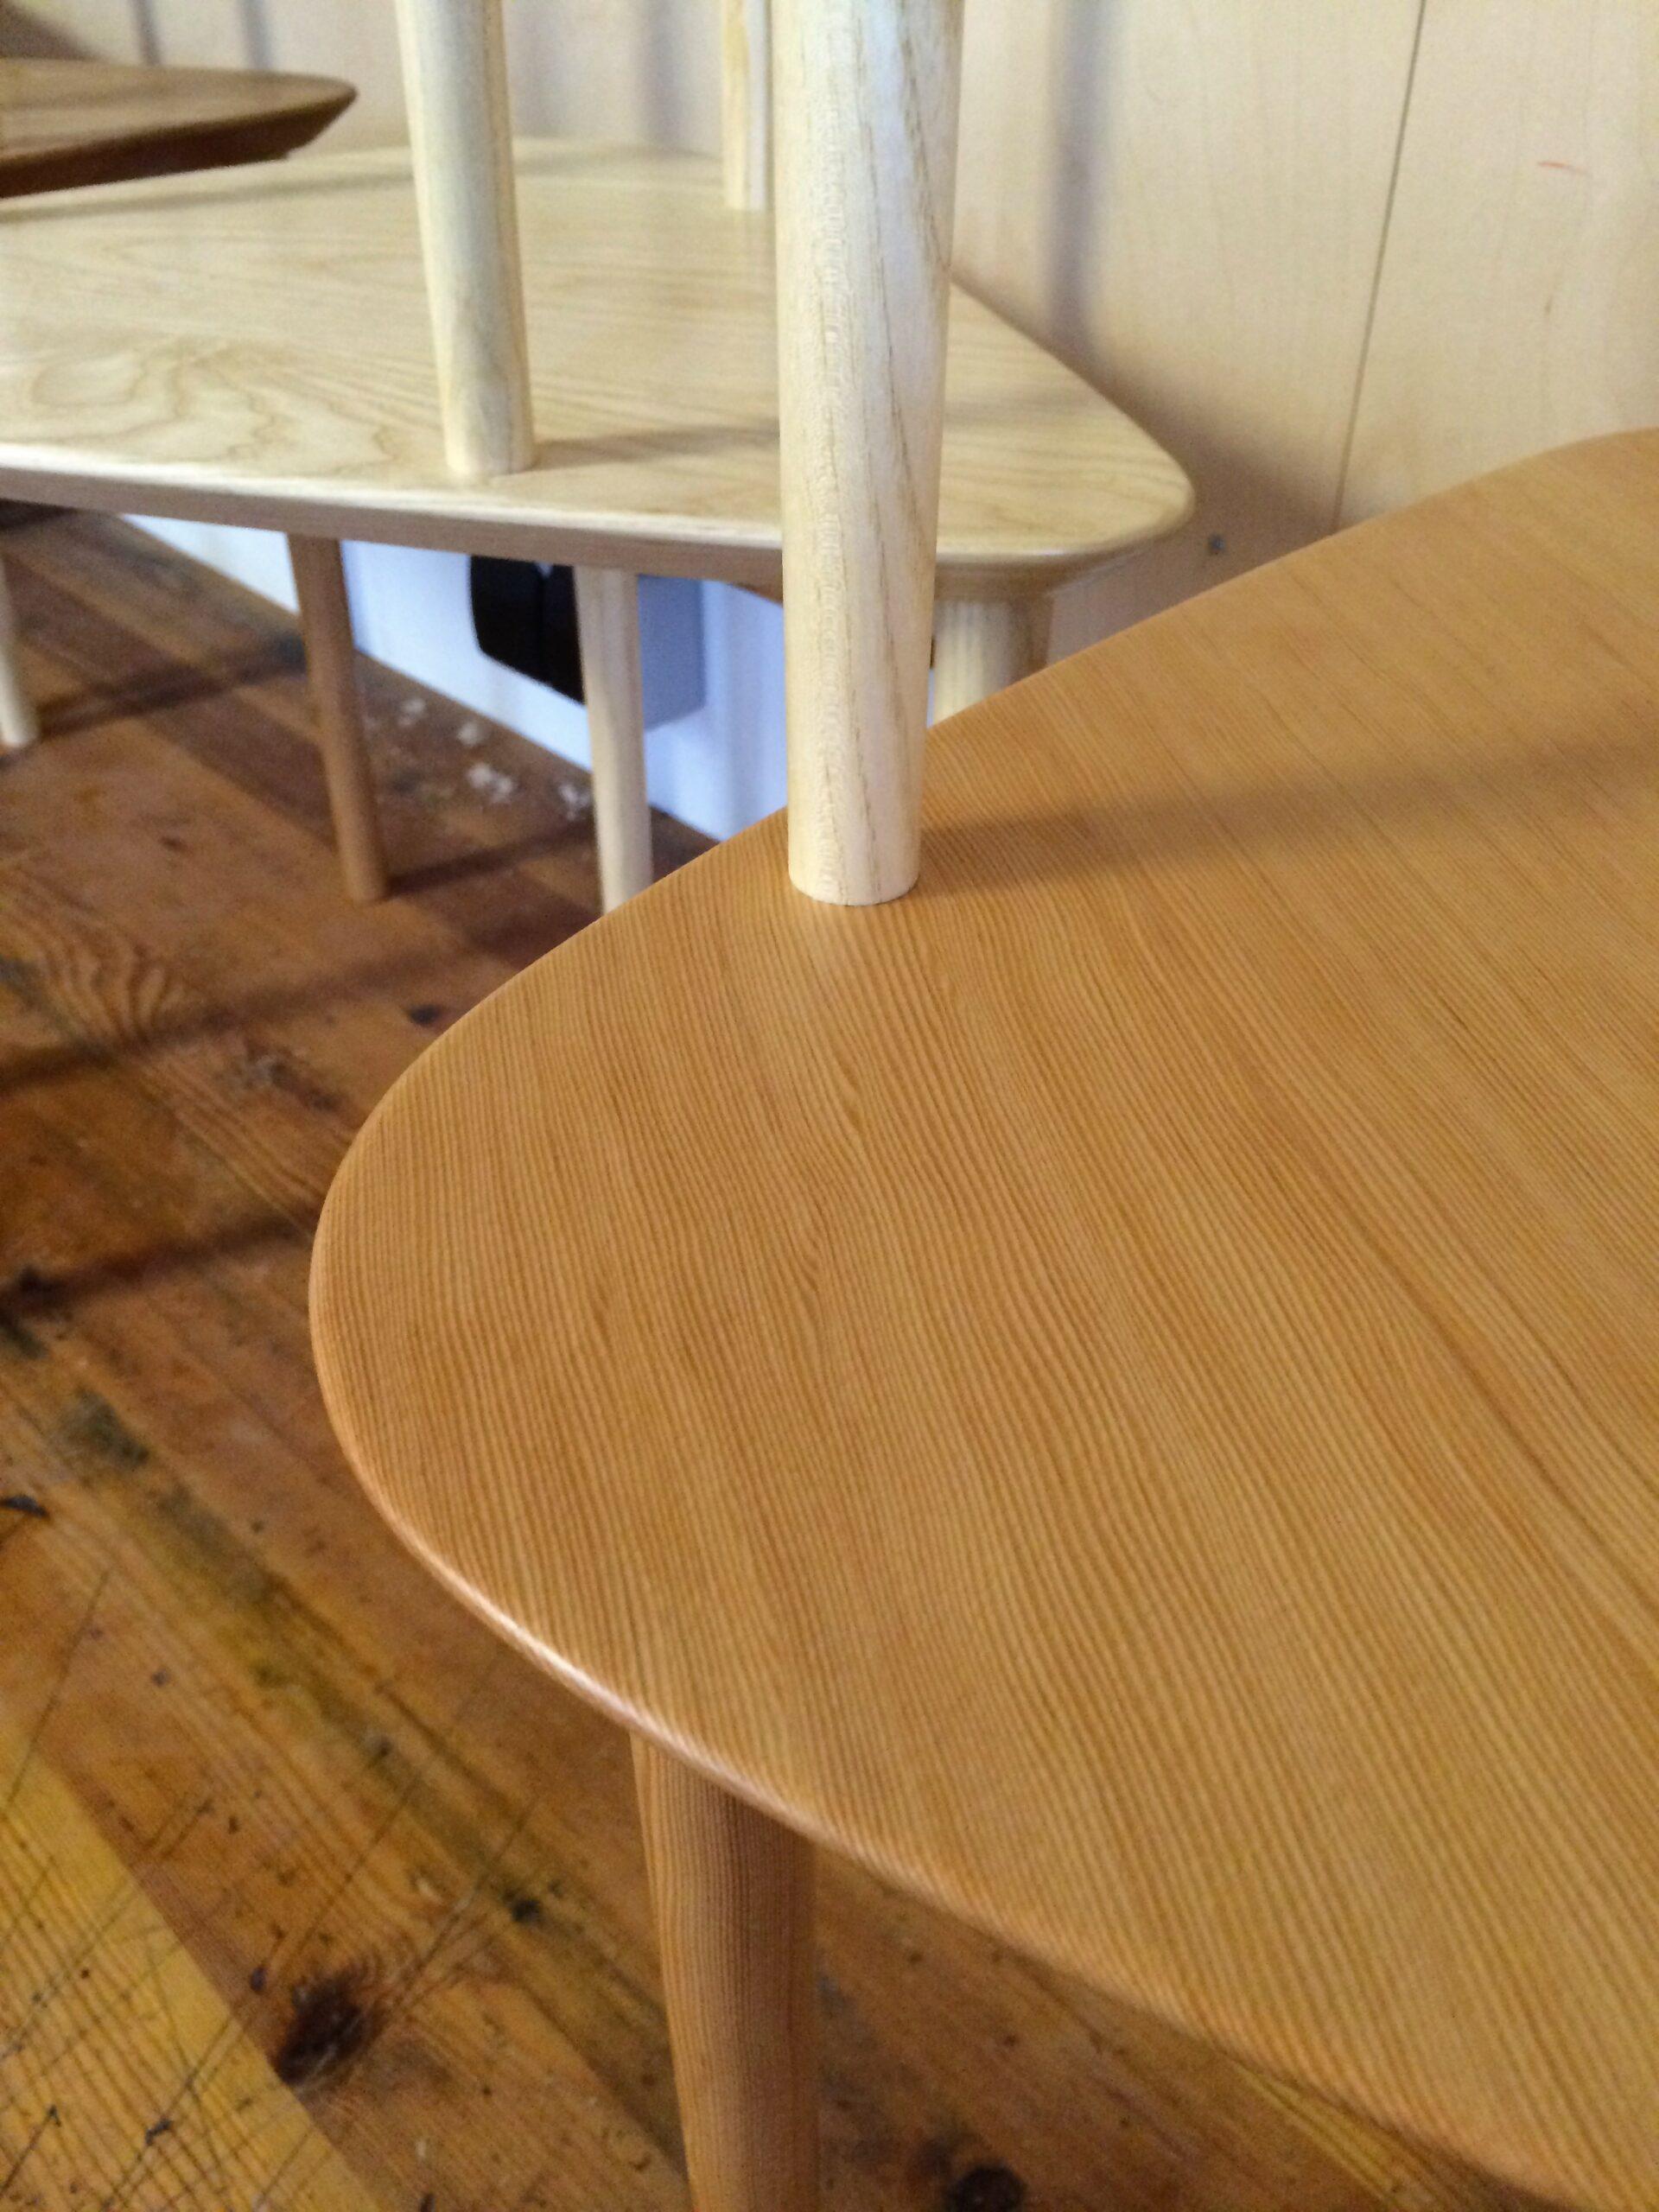 Trebens bord i to etager